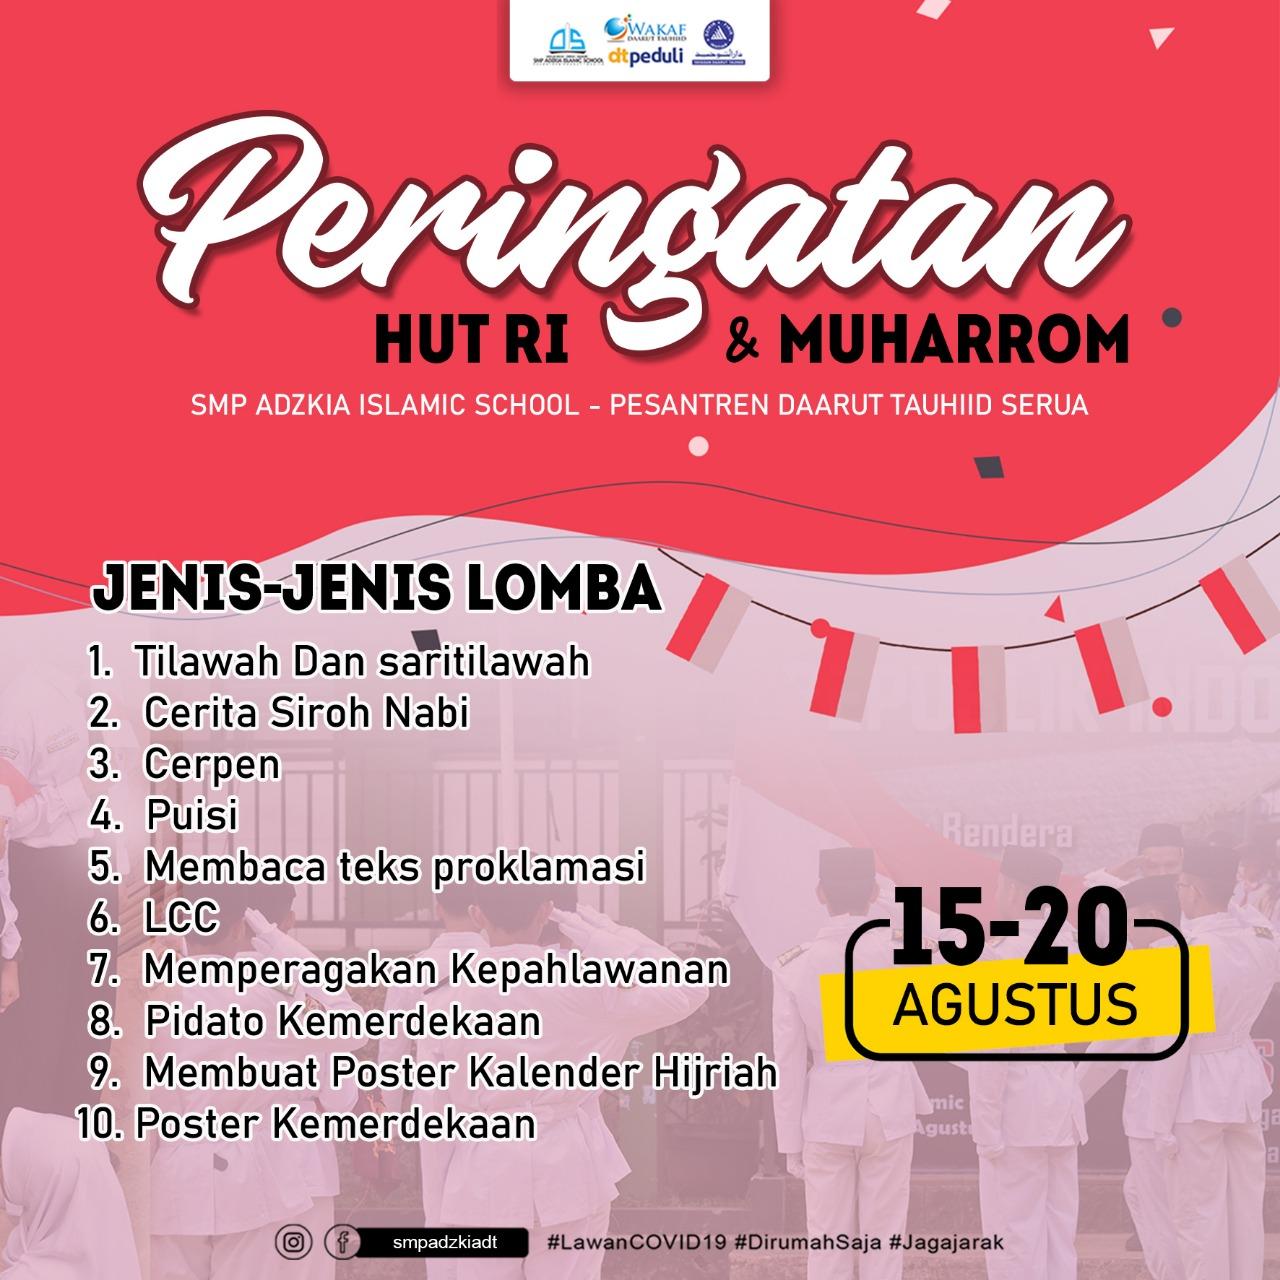 Semarak Menyambut HUT ke-75 Republik Indonesia dan Tahun Baru Islam 1 Muharam 1442 Hijriah